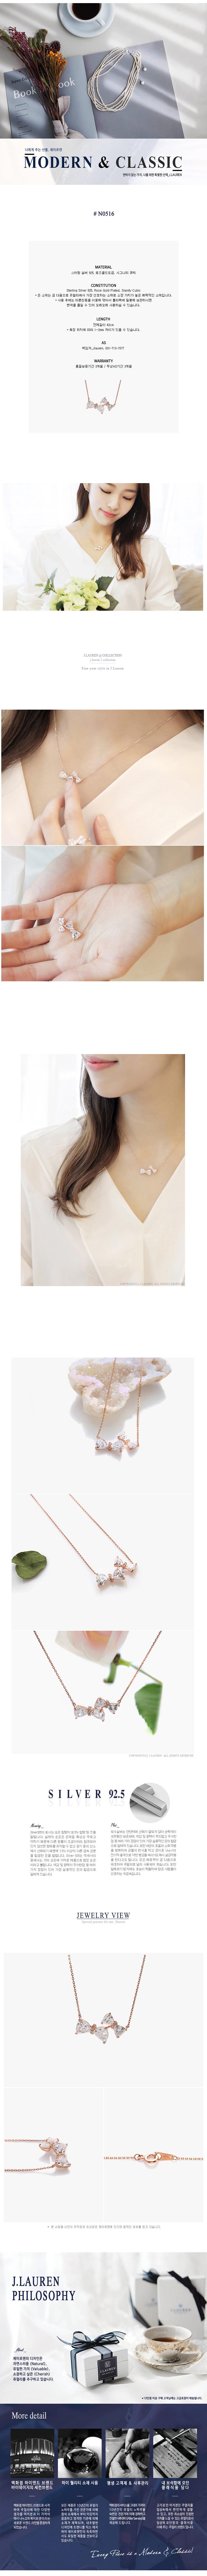 제이로렌 8N0516 시그니티 큐빅 리본 로즈골드목걸이 - 바이데이지, 128,000원, 실버, 펜던트목걸이